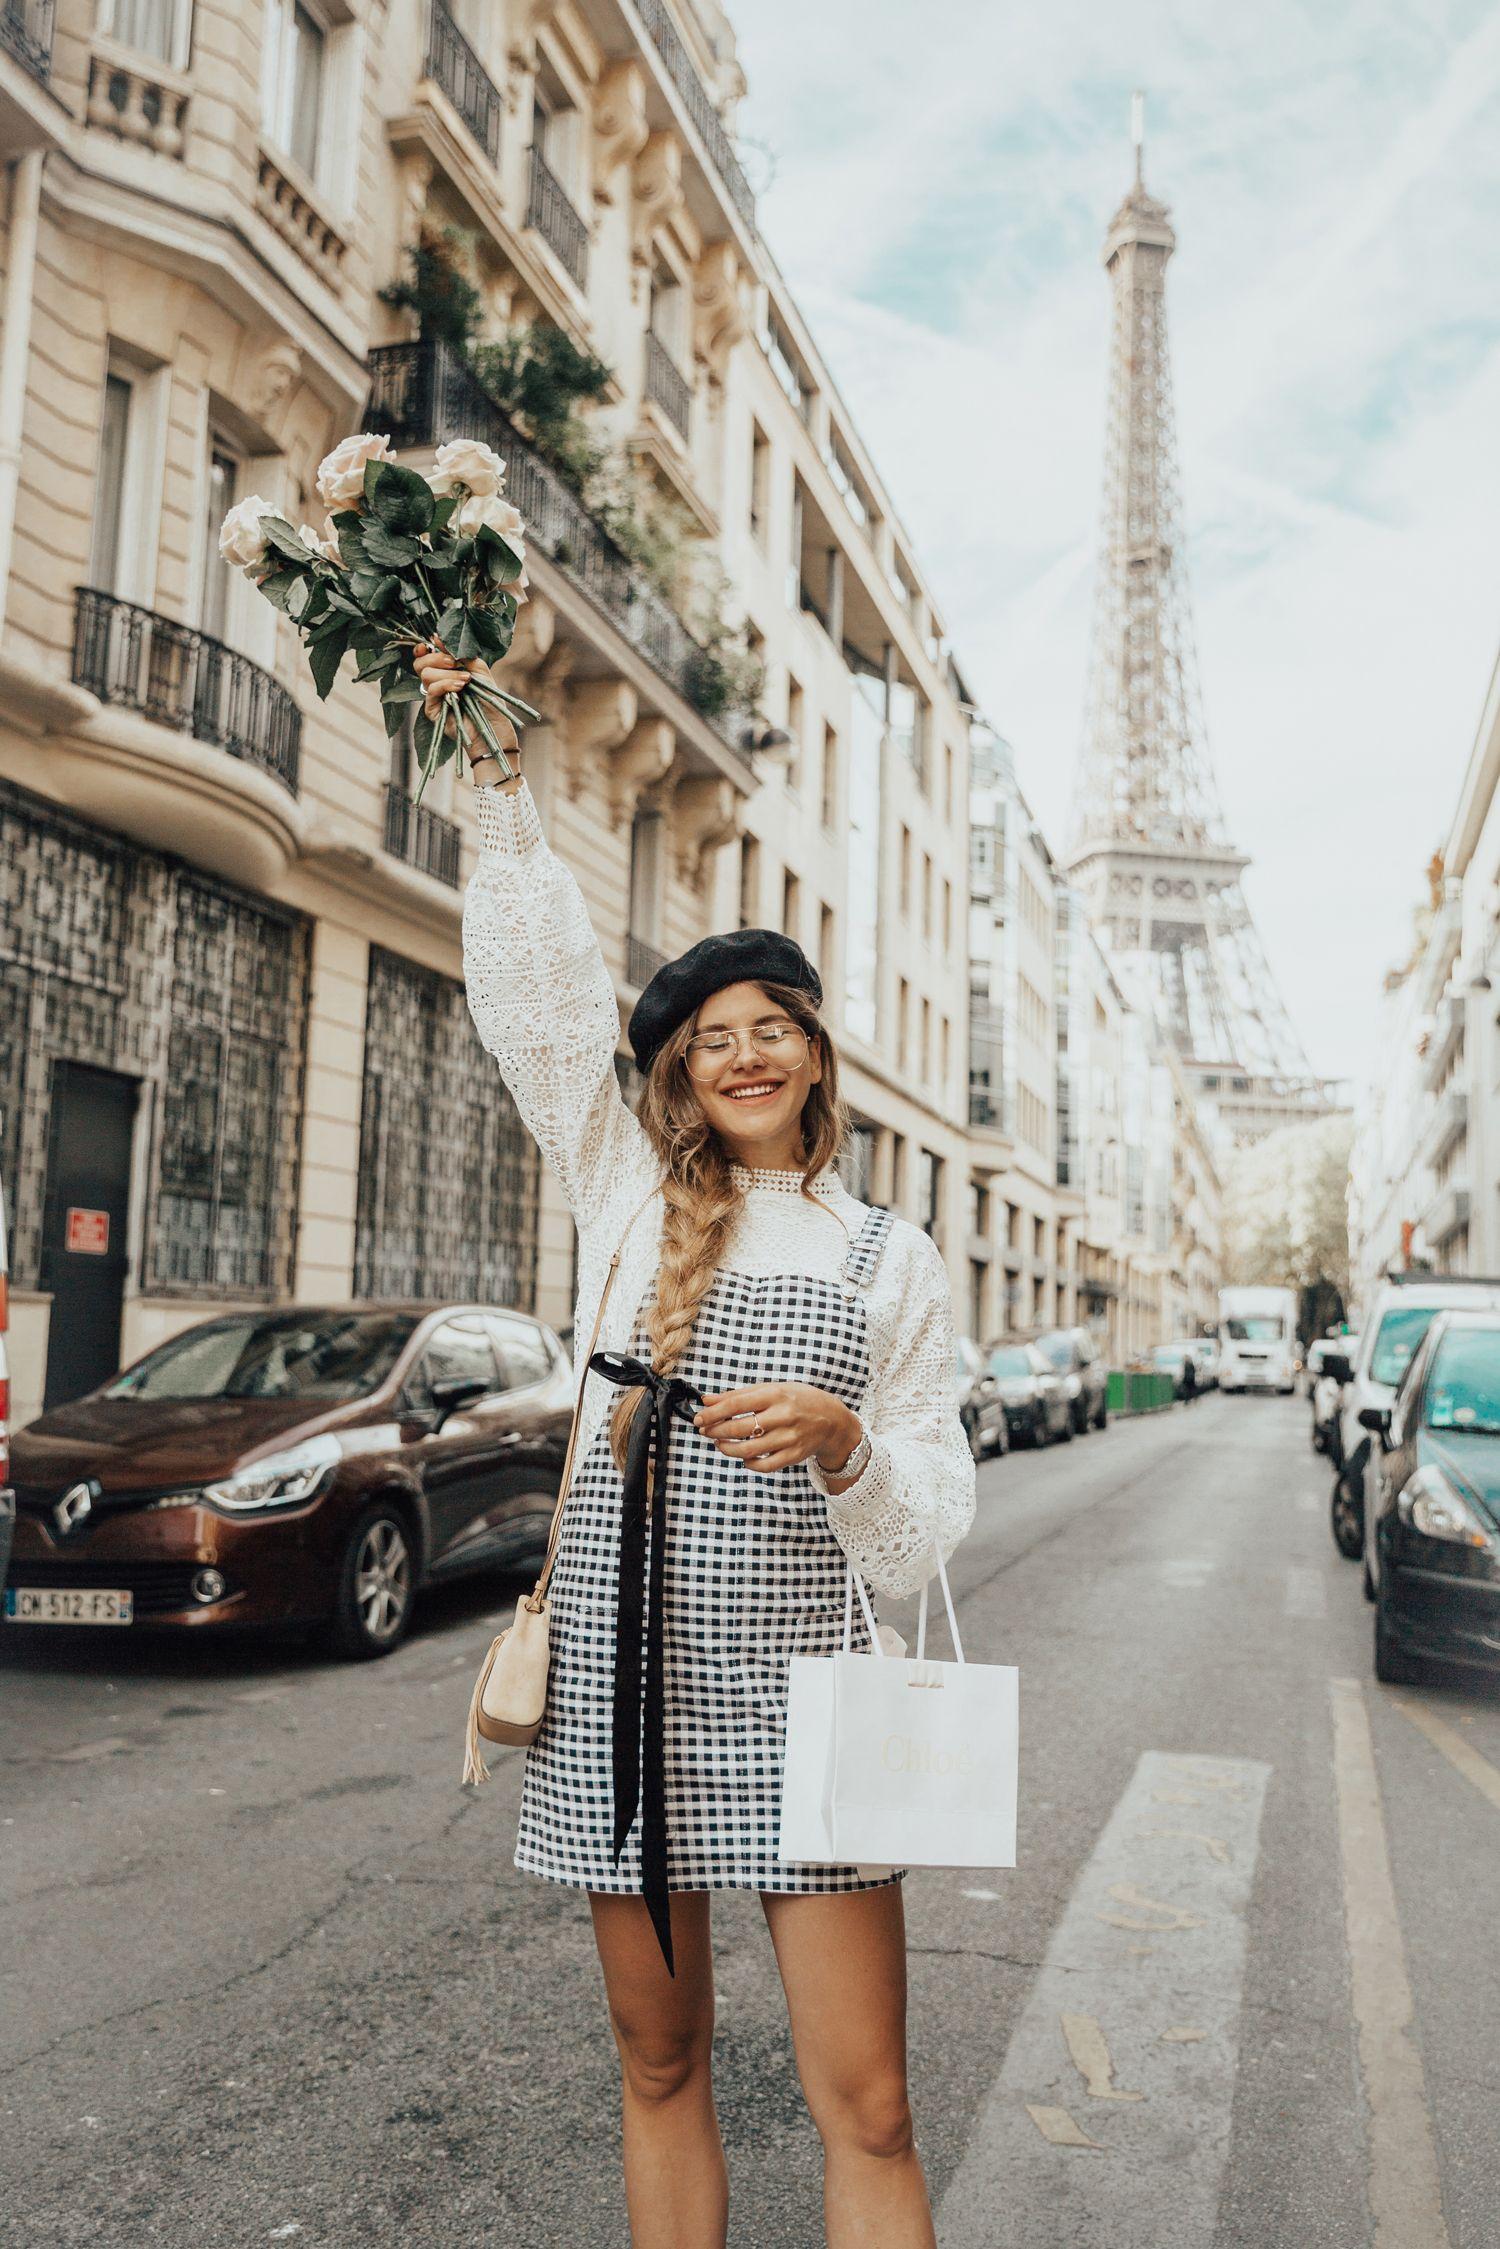 этой статье француженки и парижанки фото автобусов легко вычислить